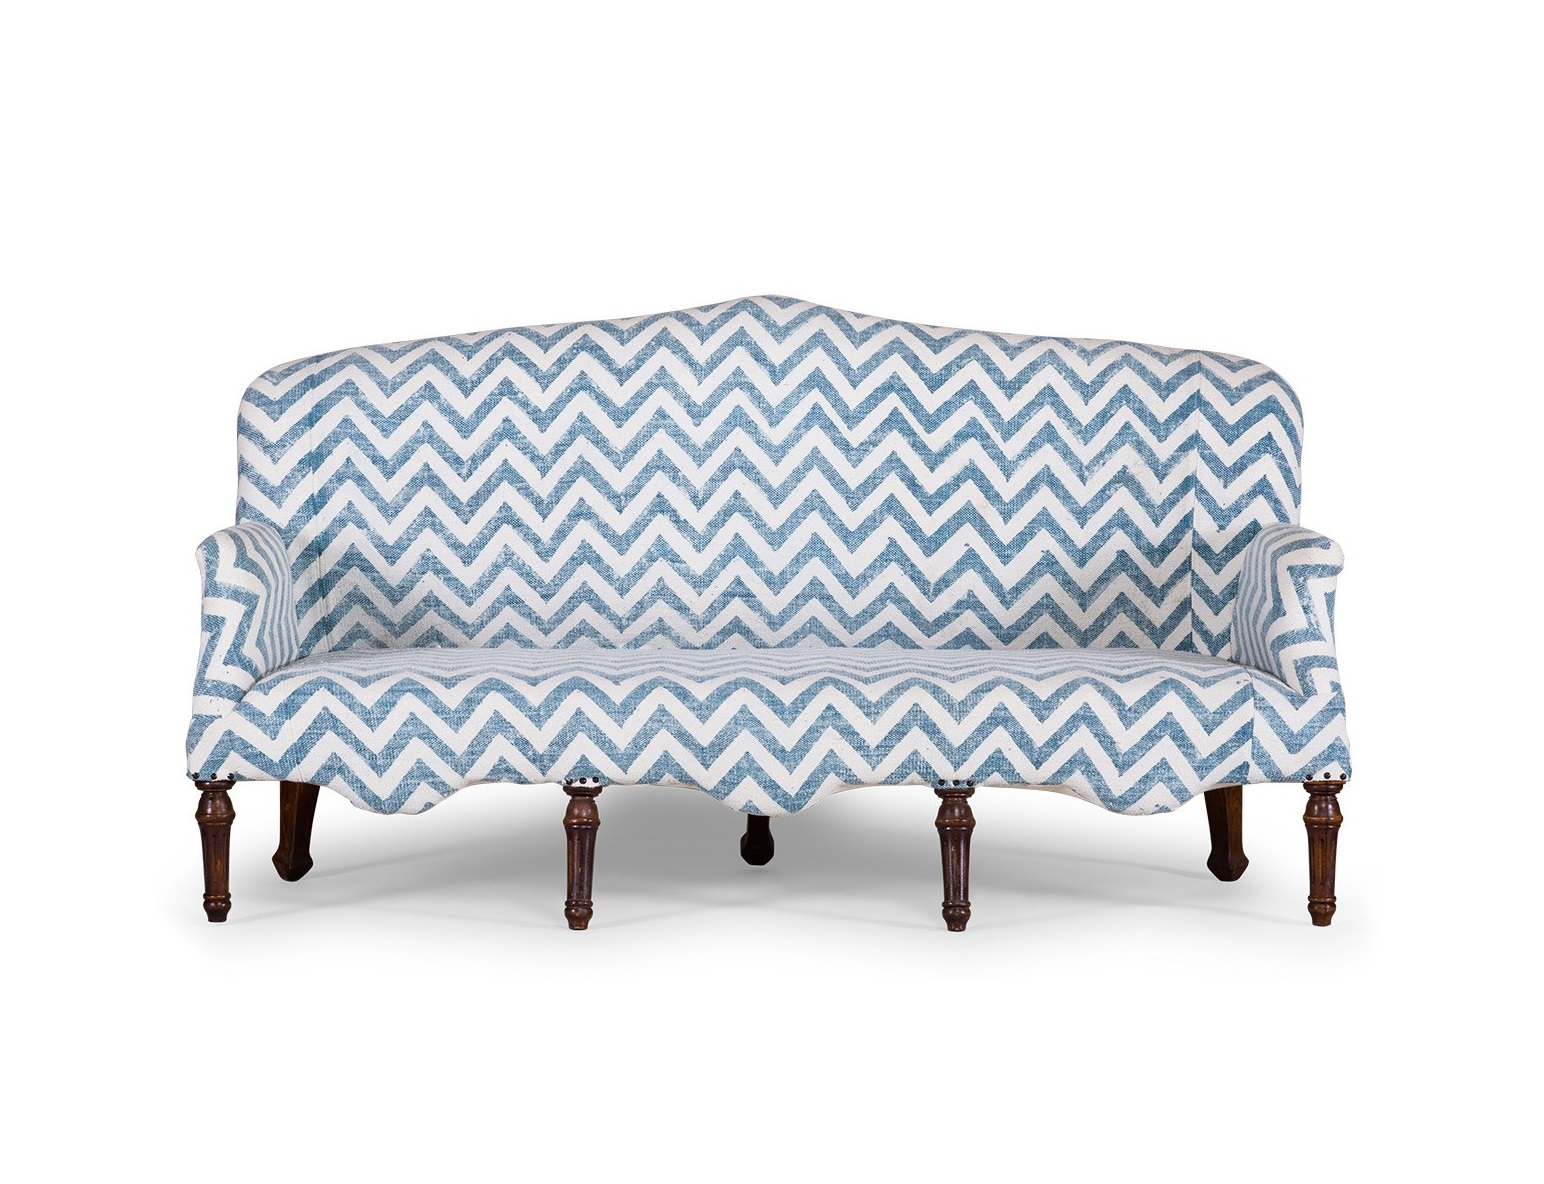 Диван MaharajahДвухместные диваны<br><br><br>Material: Текстиль<br>Ширина см: 188<br>Высота см: 103<br>Глубина см: 77